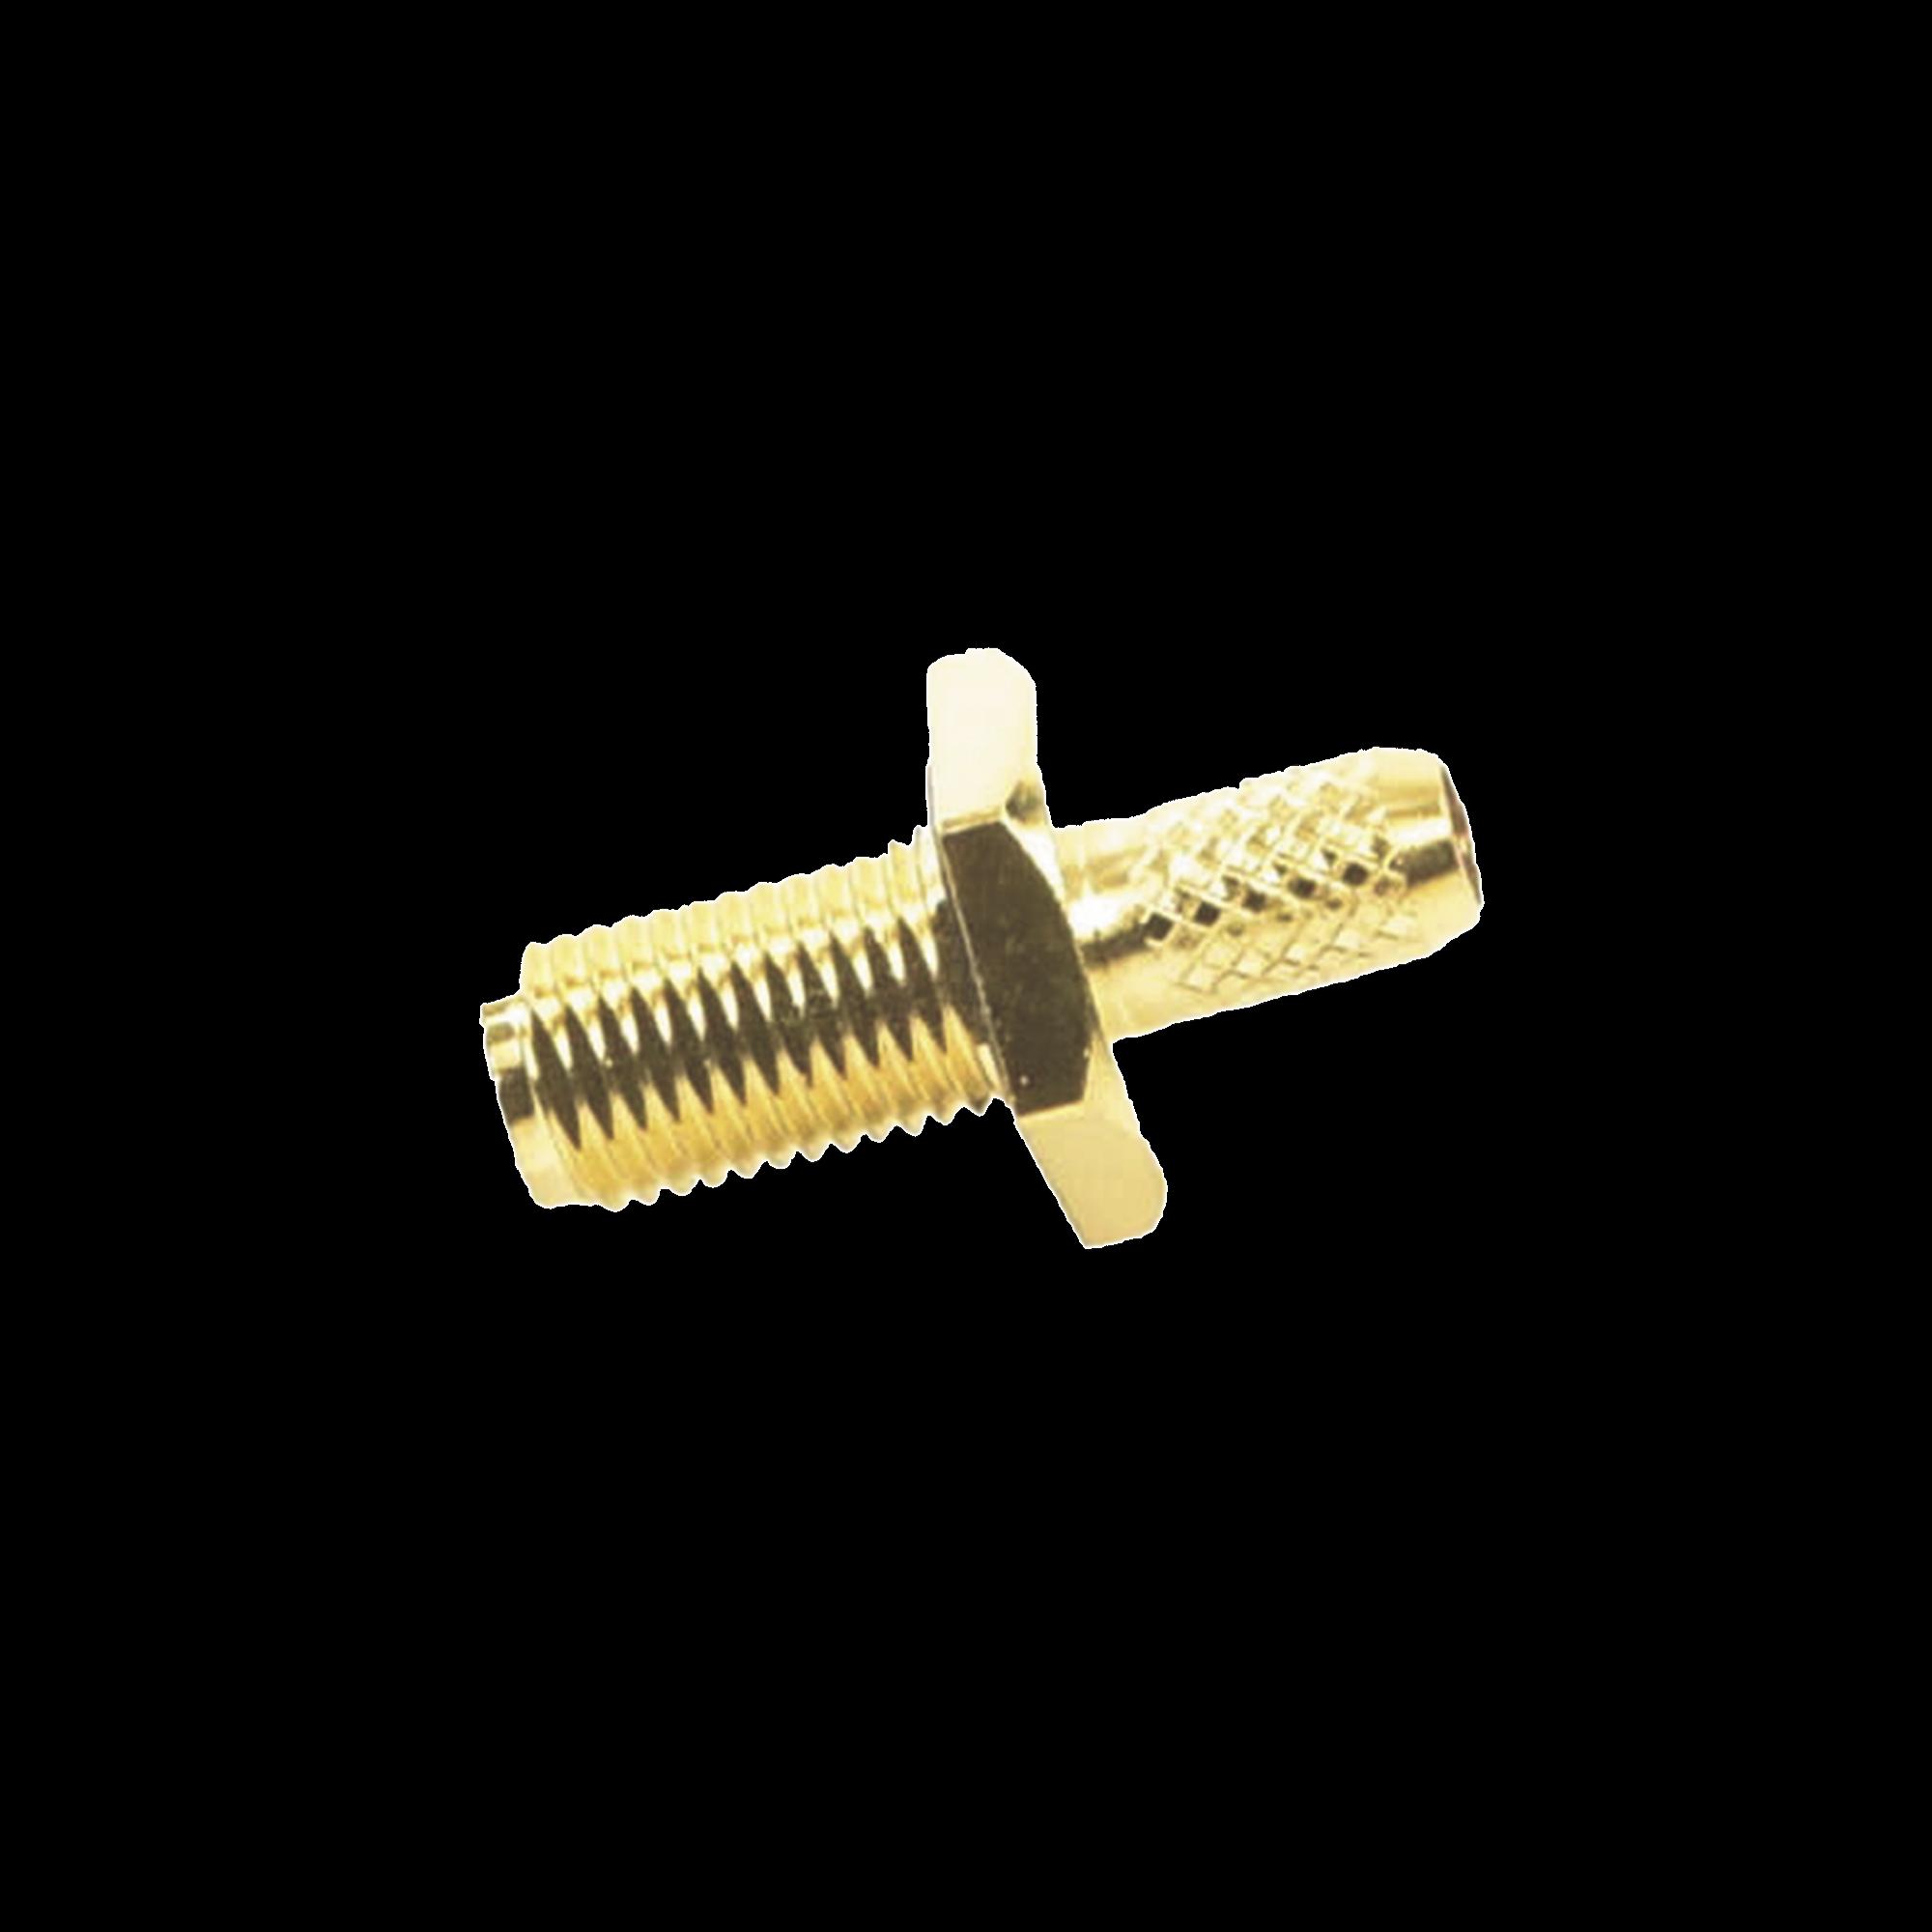 Conector SMA Hembra Inverso / Chasis en D Plano, Anillo Plegable / Cable RG-142/U.